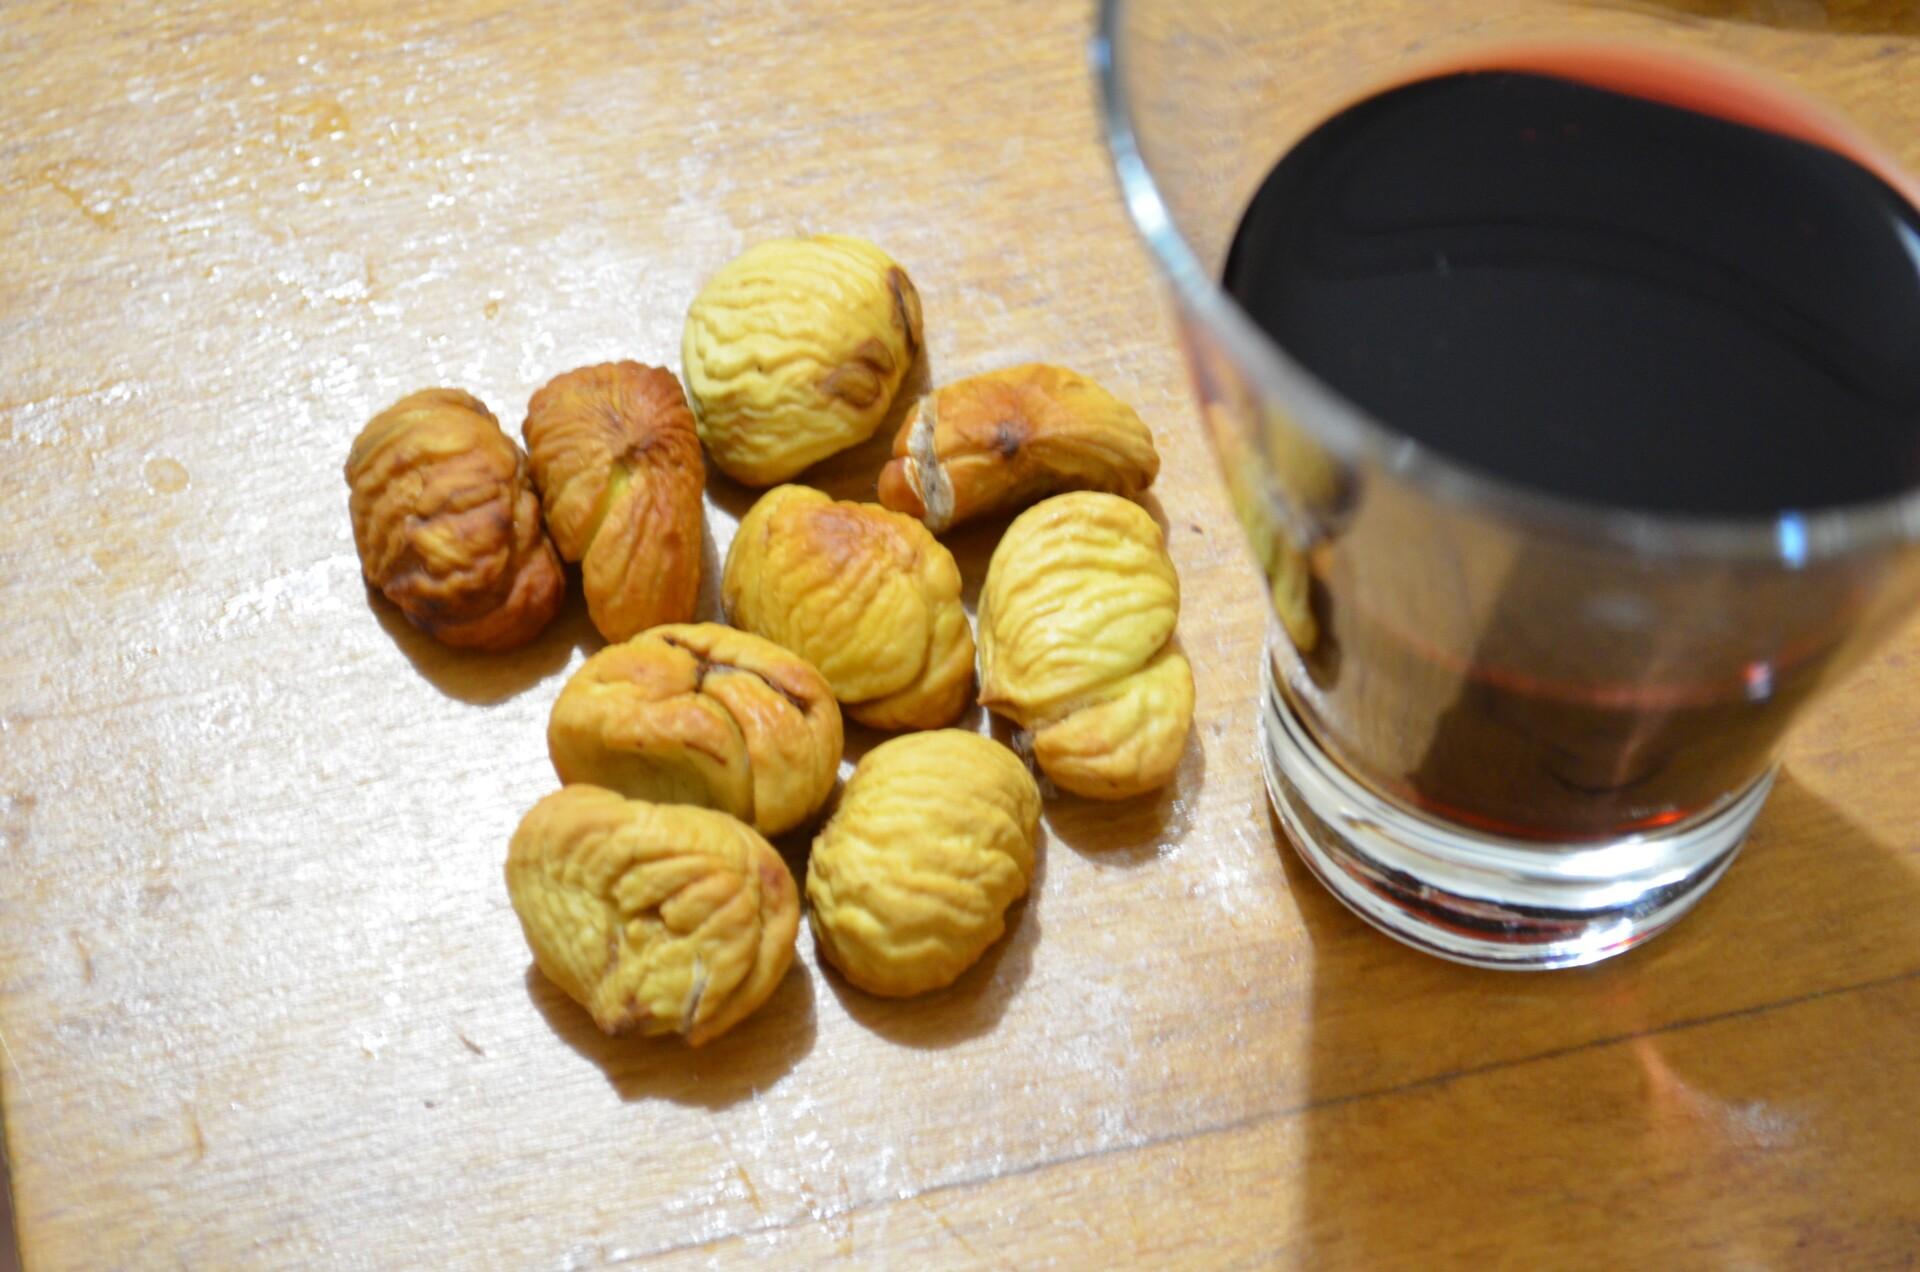 Готовые каштаны очистить, пока они горячие, и положить в бокал или чашку с красным сухим вином